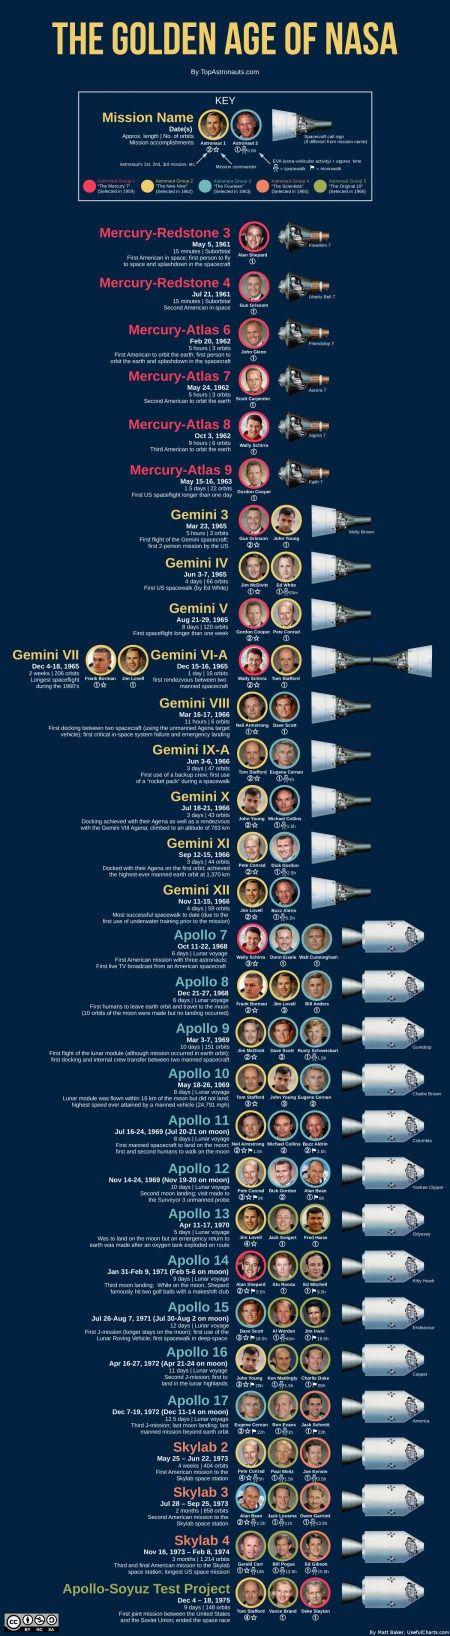 La edad dorada de NASA resumida en una preciosa infografía #nasa #spacehistory